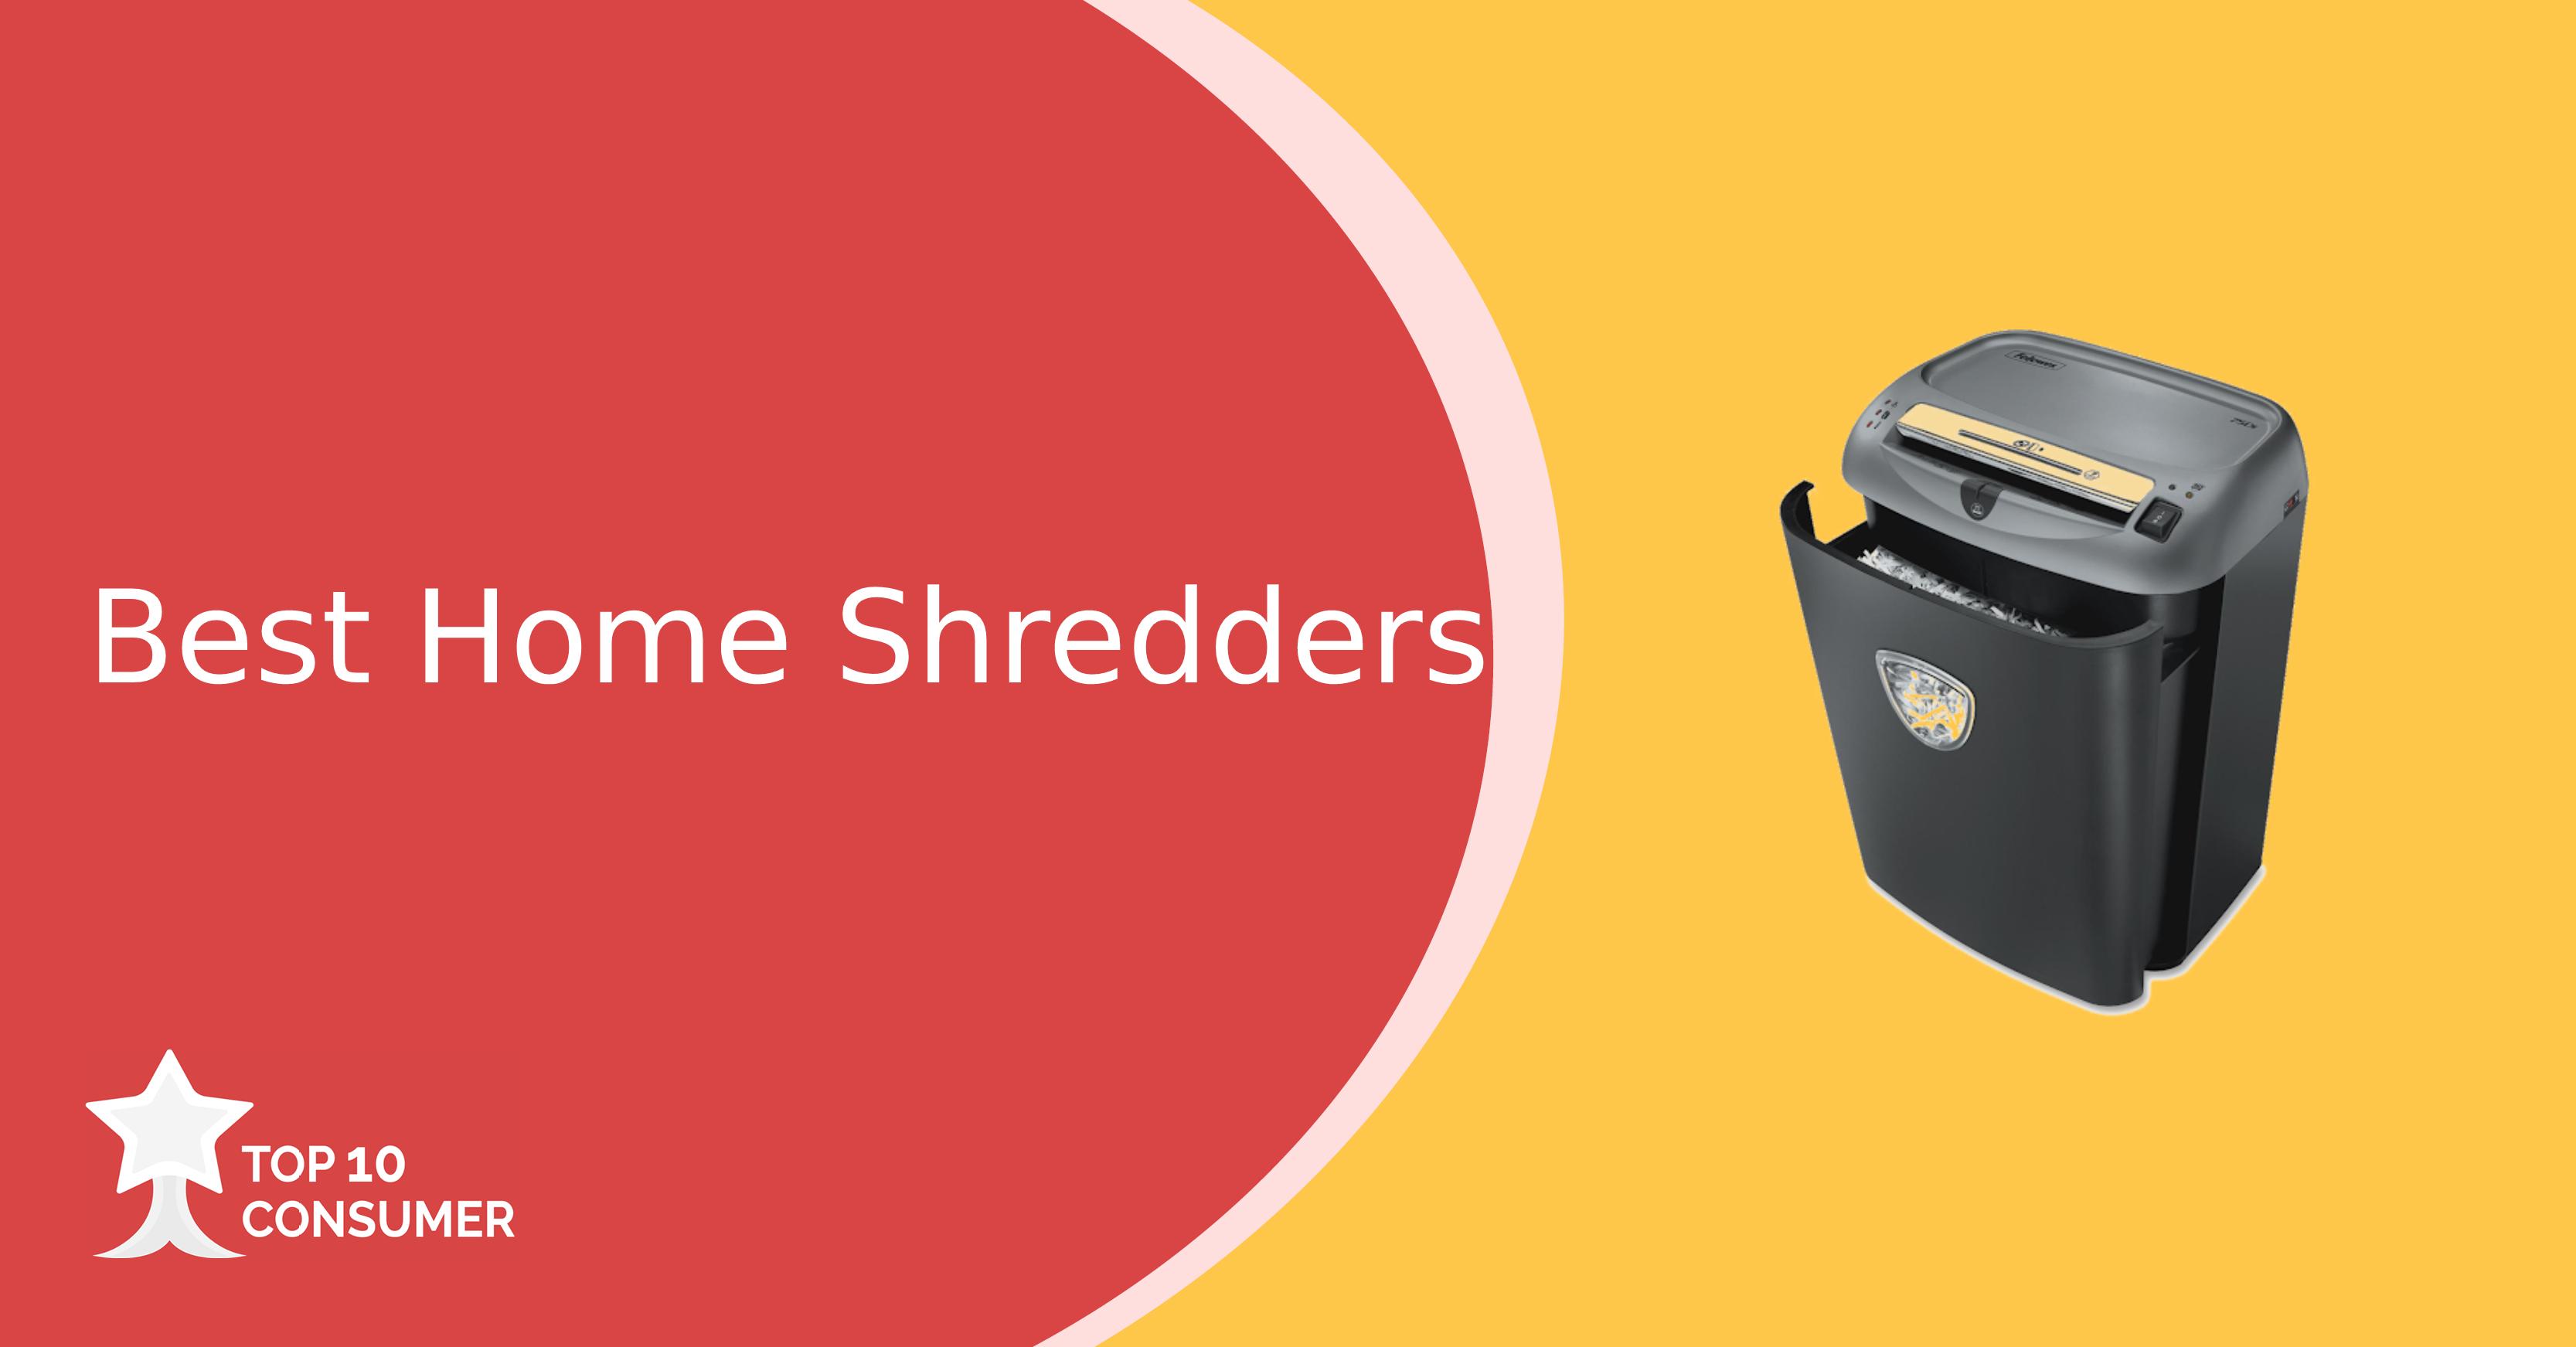 Best Home Shredders